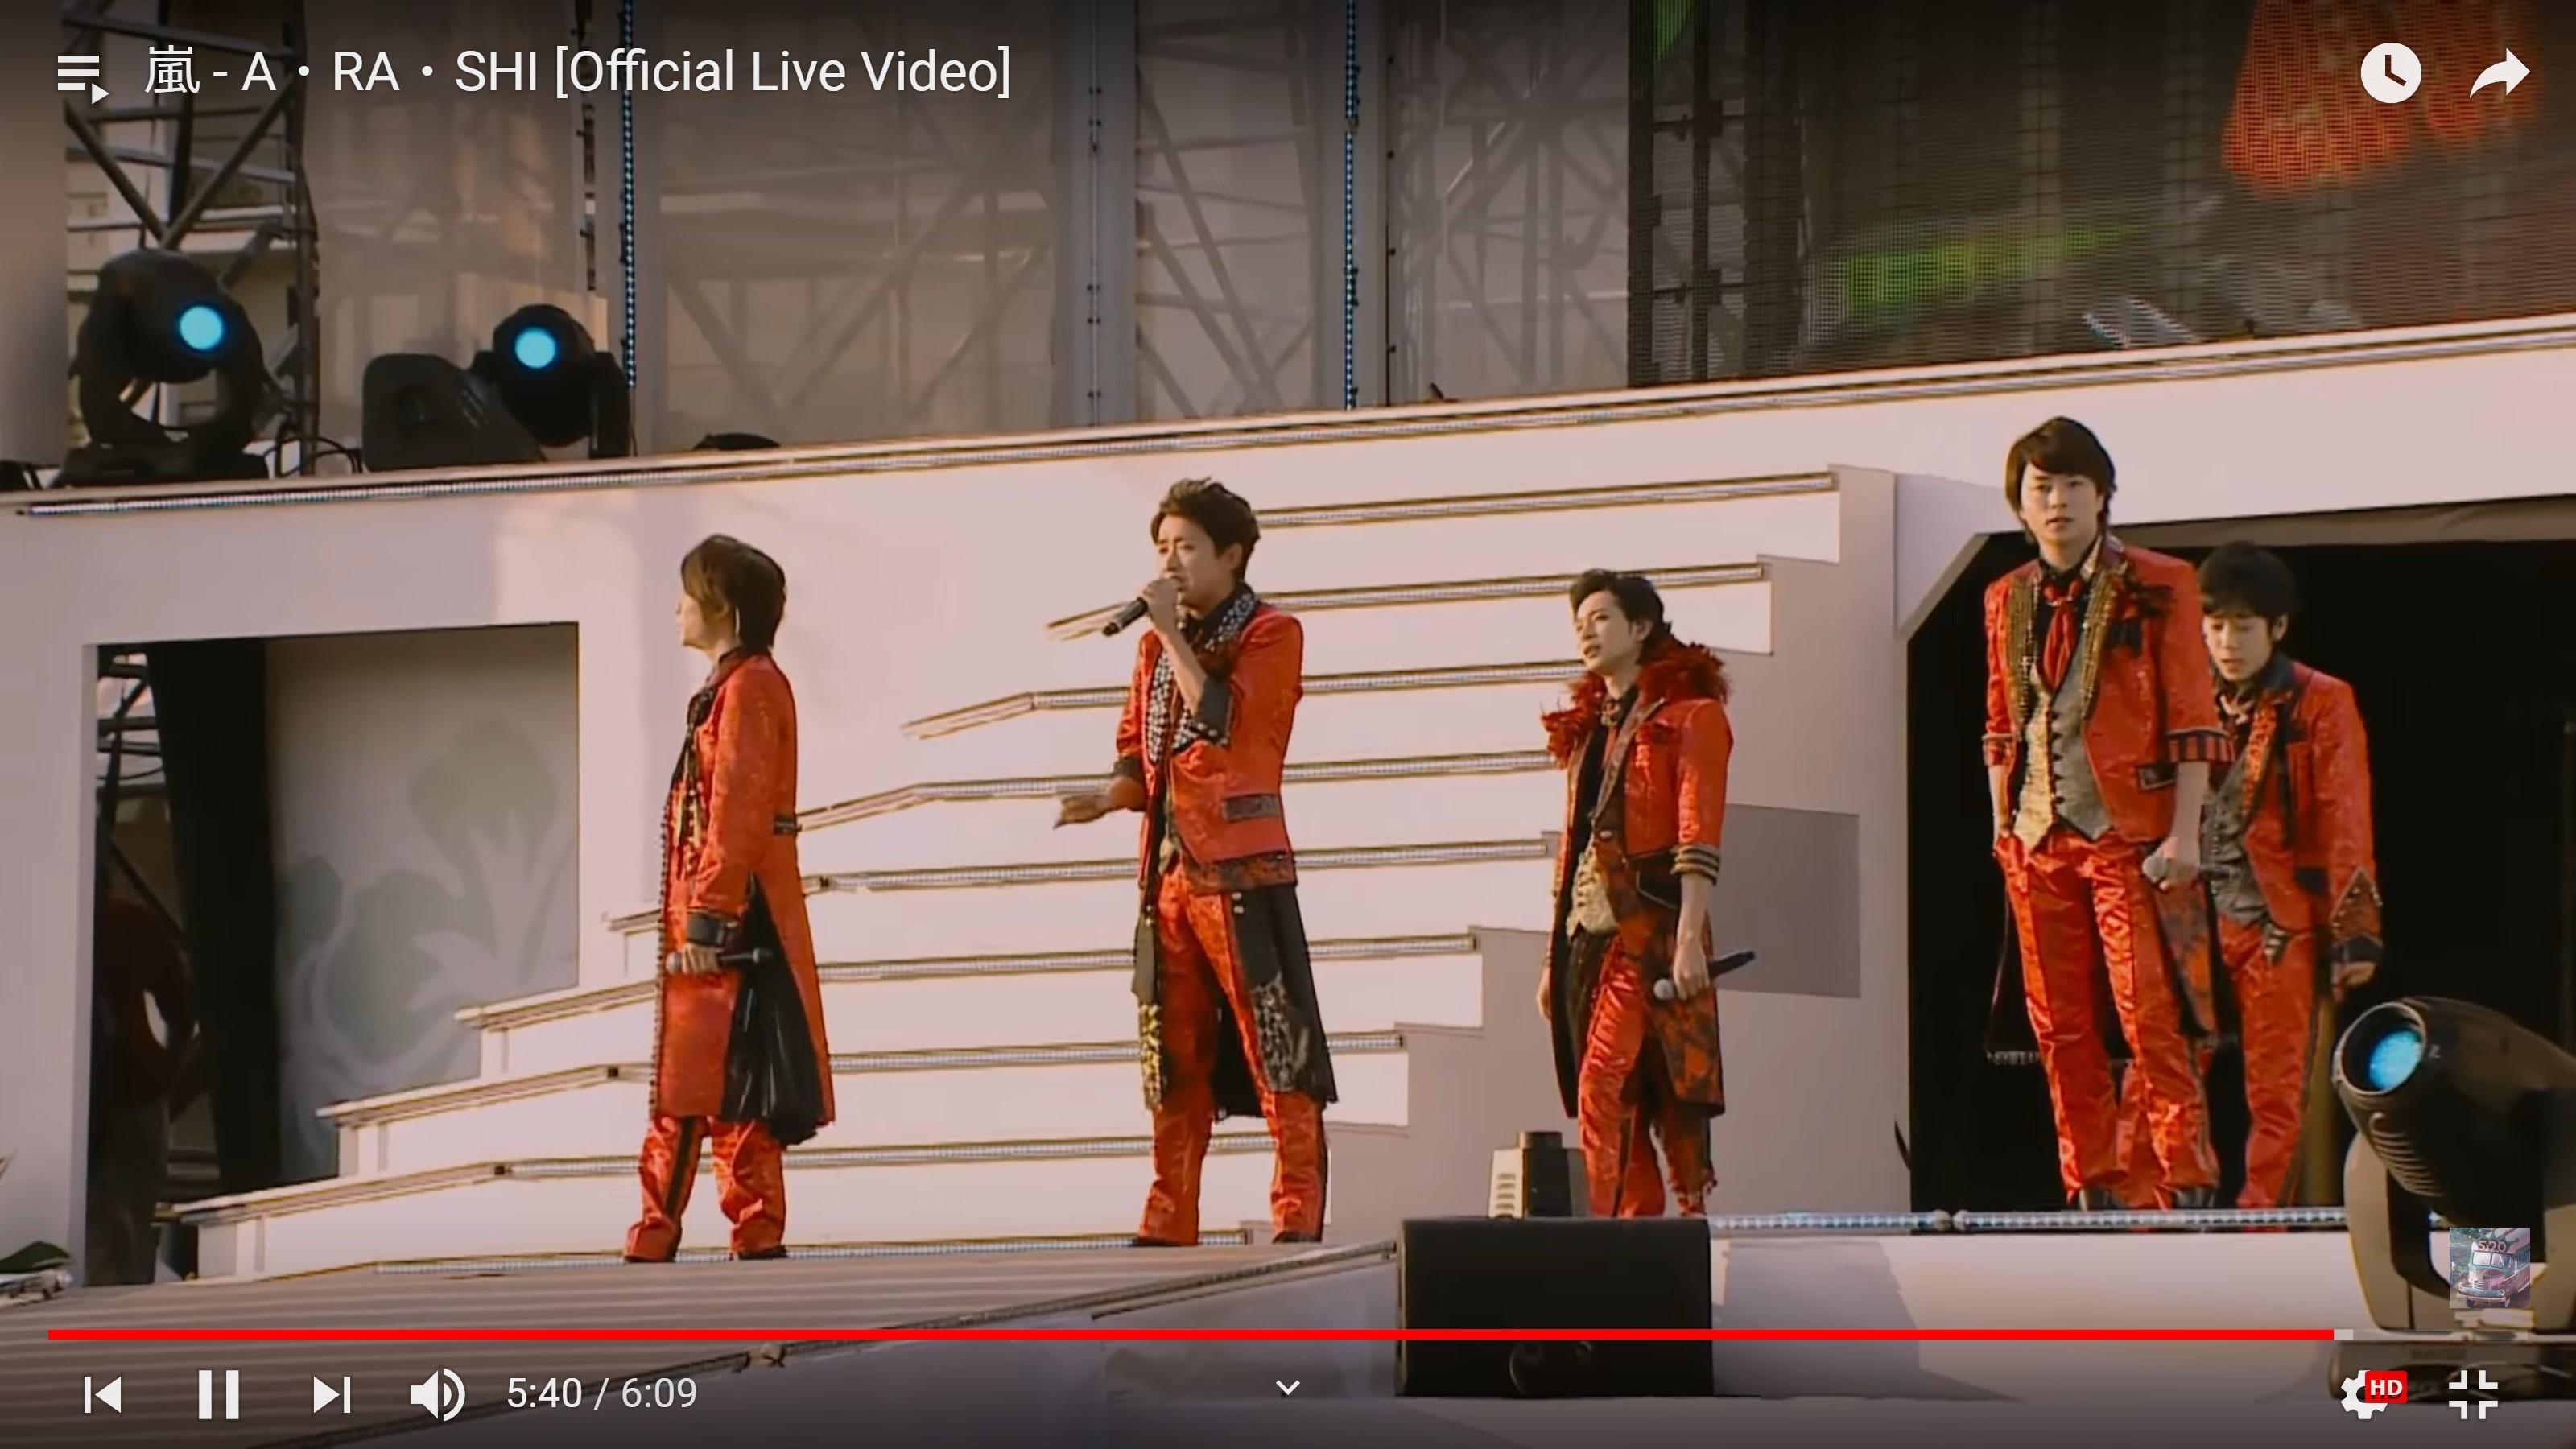 【まとめ】YouTubeで「A・RA・SHI」のライブ映像が待望の解禁!!